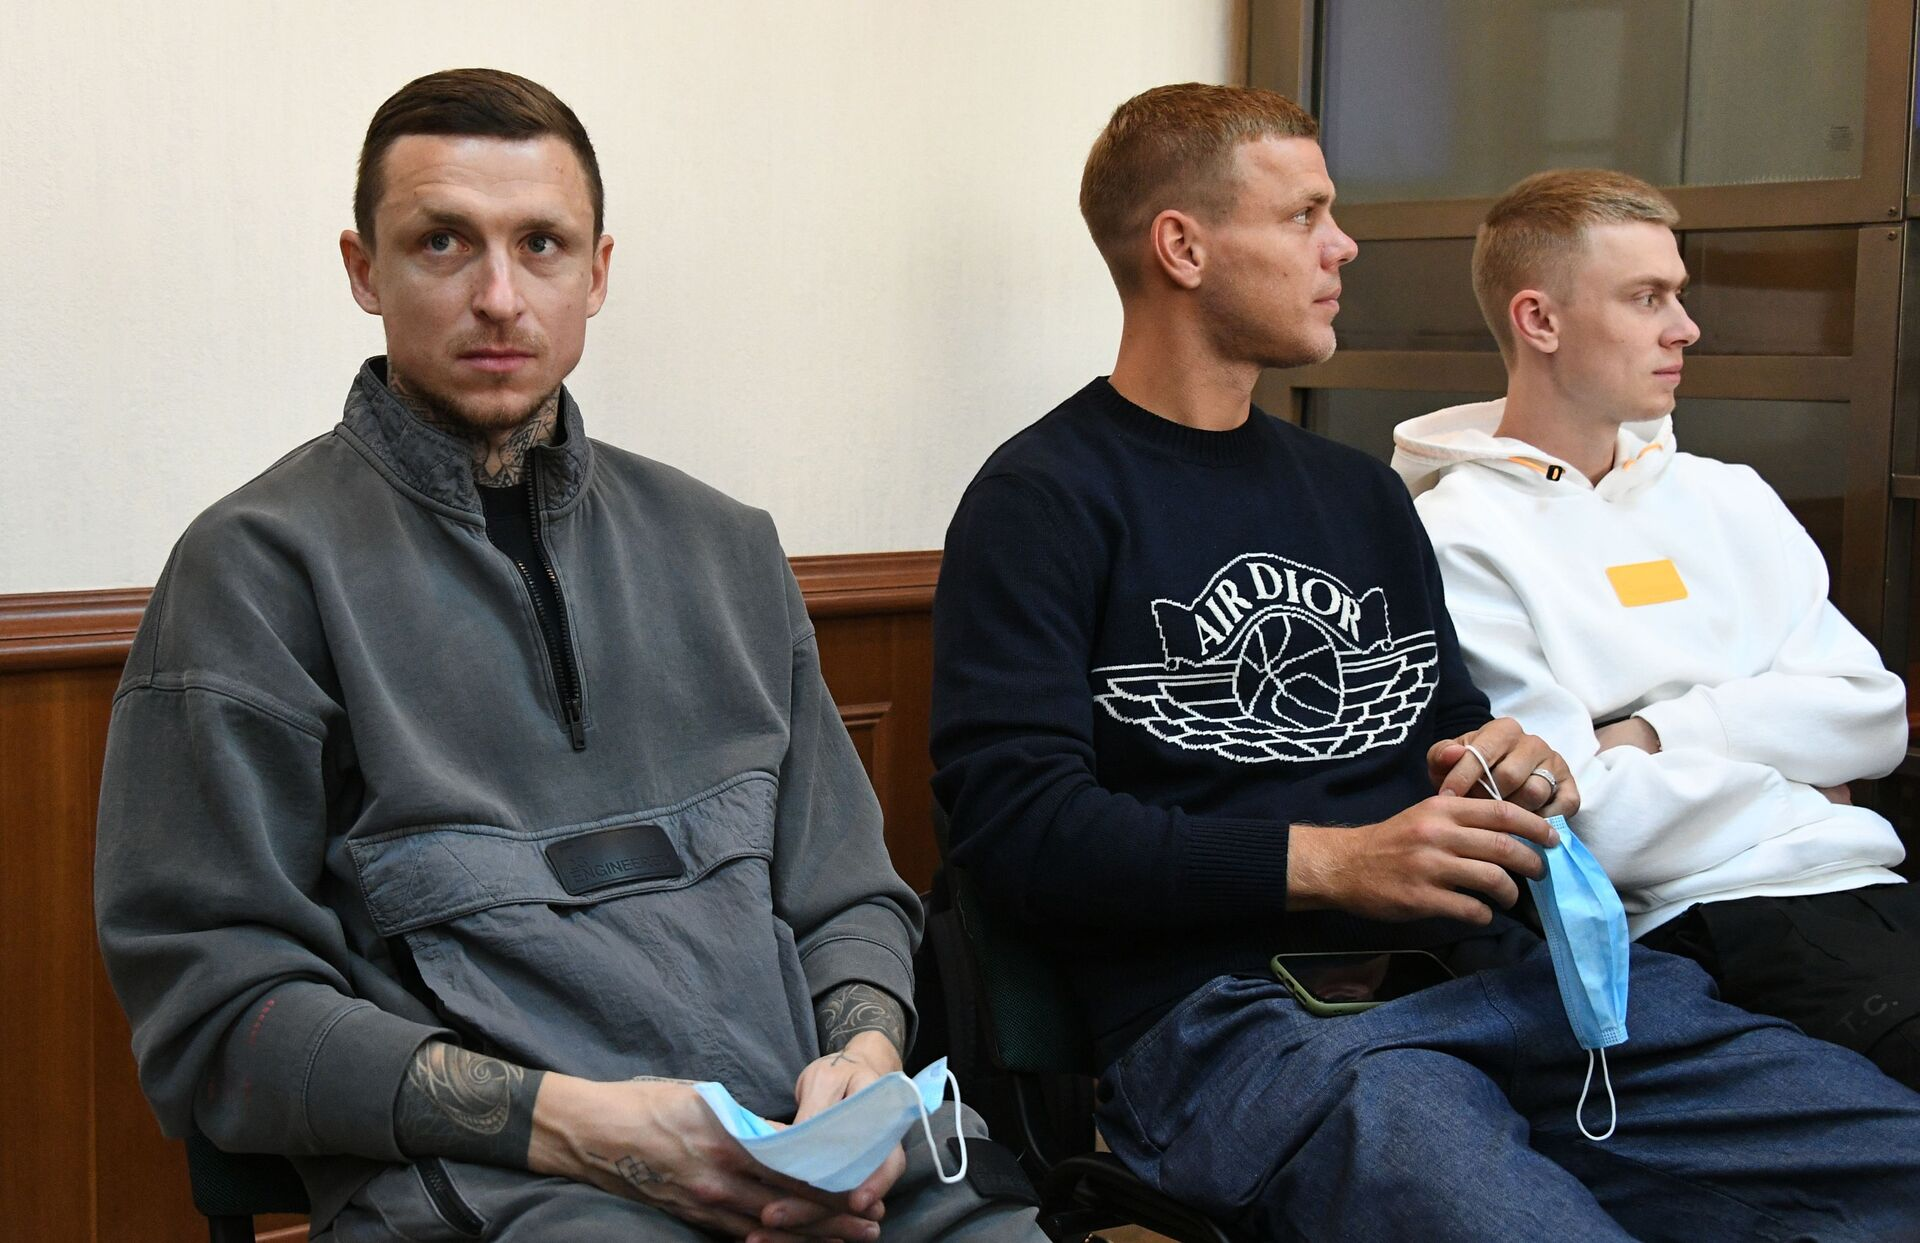 Весь в брата – младшего брата Кокорина задержали за пьяную драку  - Sputnik Грузия, 1920, 30.06.2021